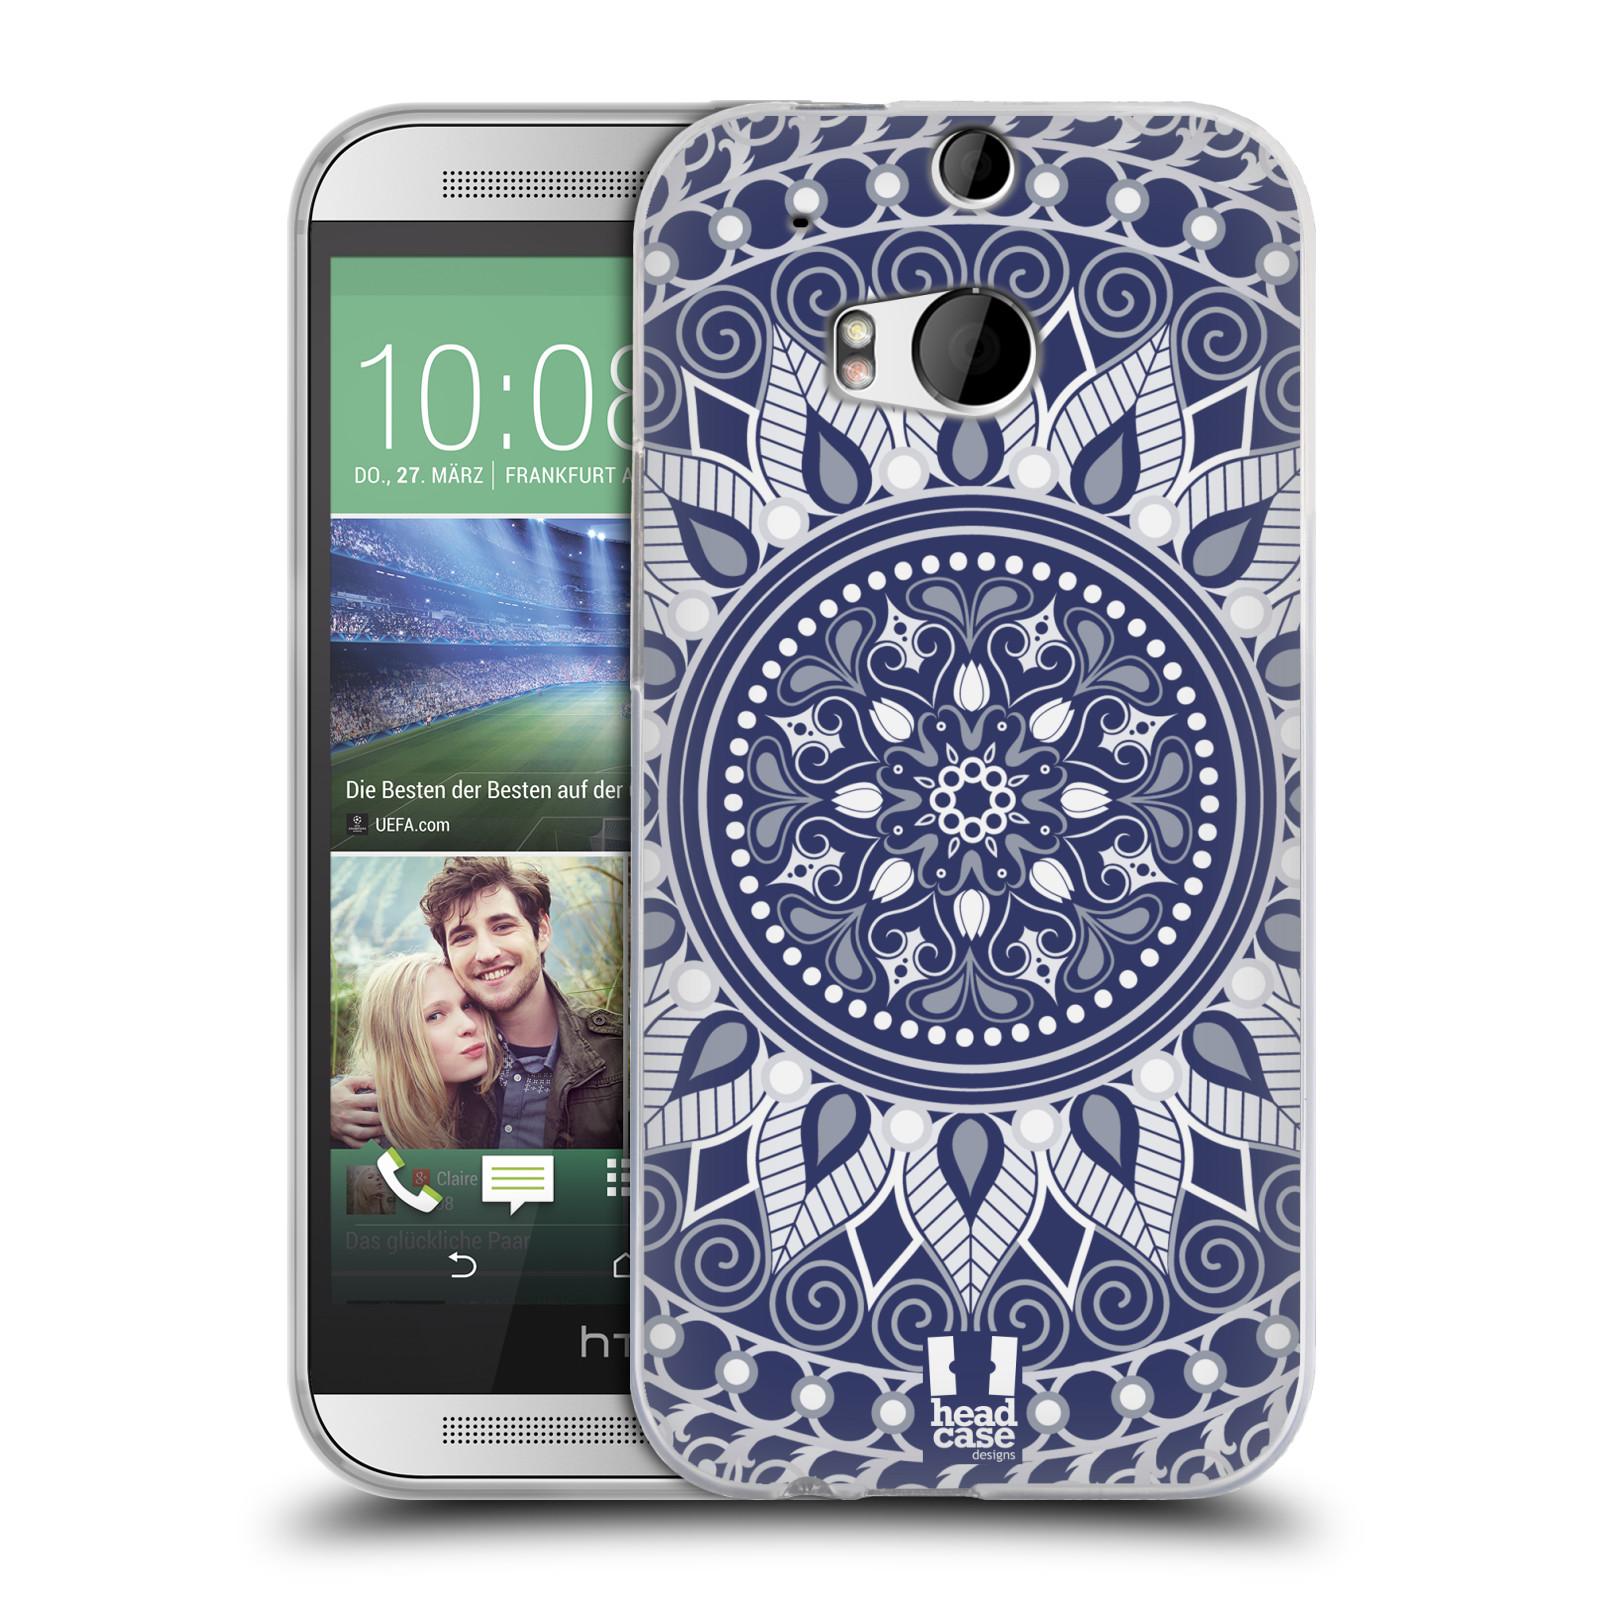 HEAD CASE silikonový obal na mobil HTC ONE (M8) vzor Indie Mandala slunce barevný motiv MODRÁ